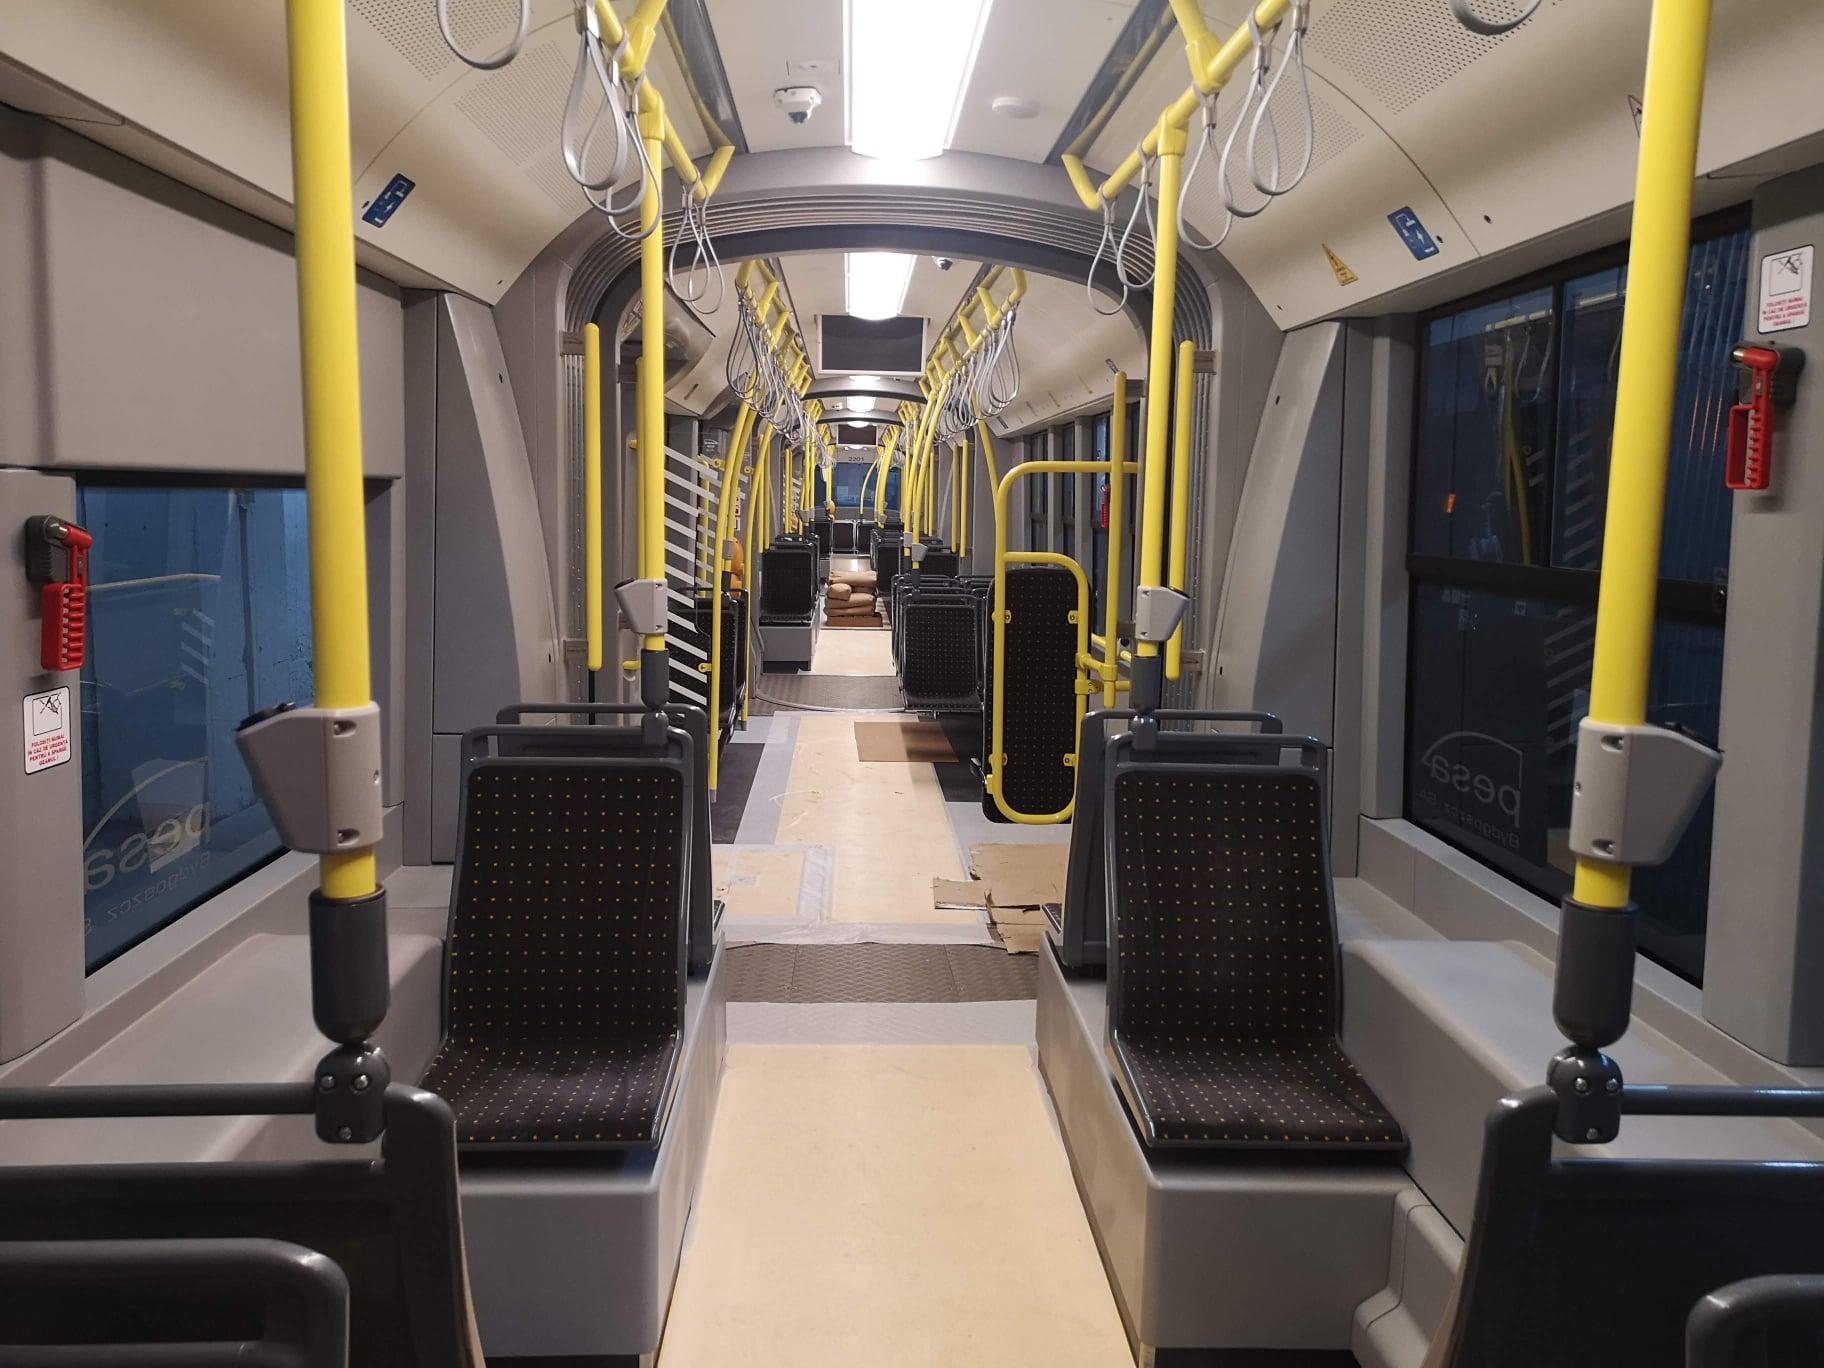 tramvai-interior (1)